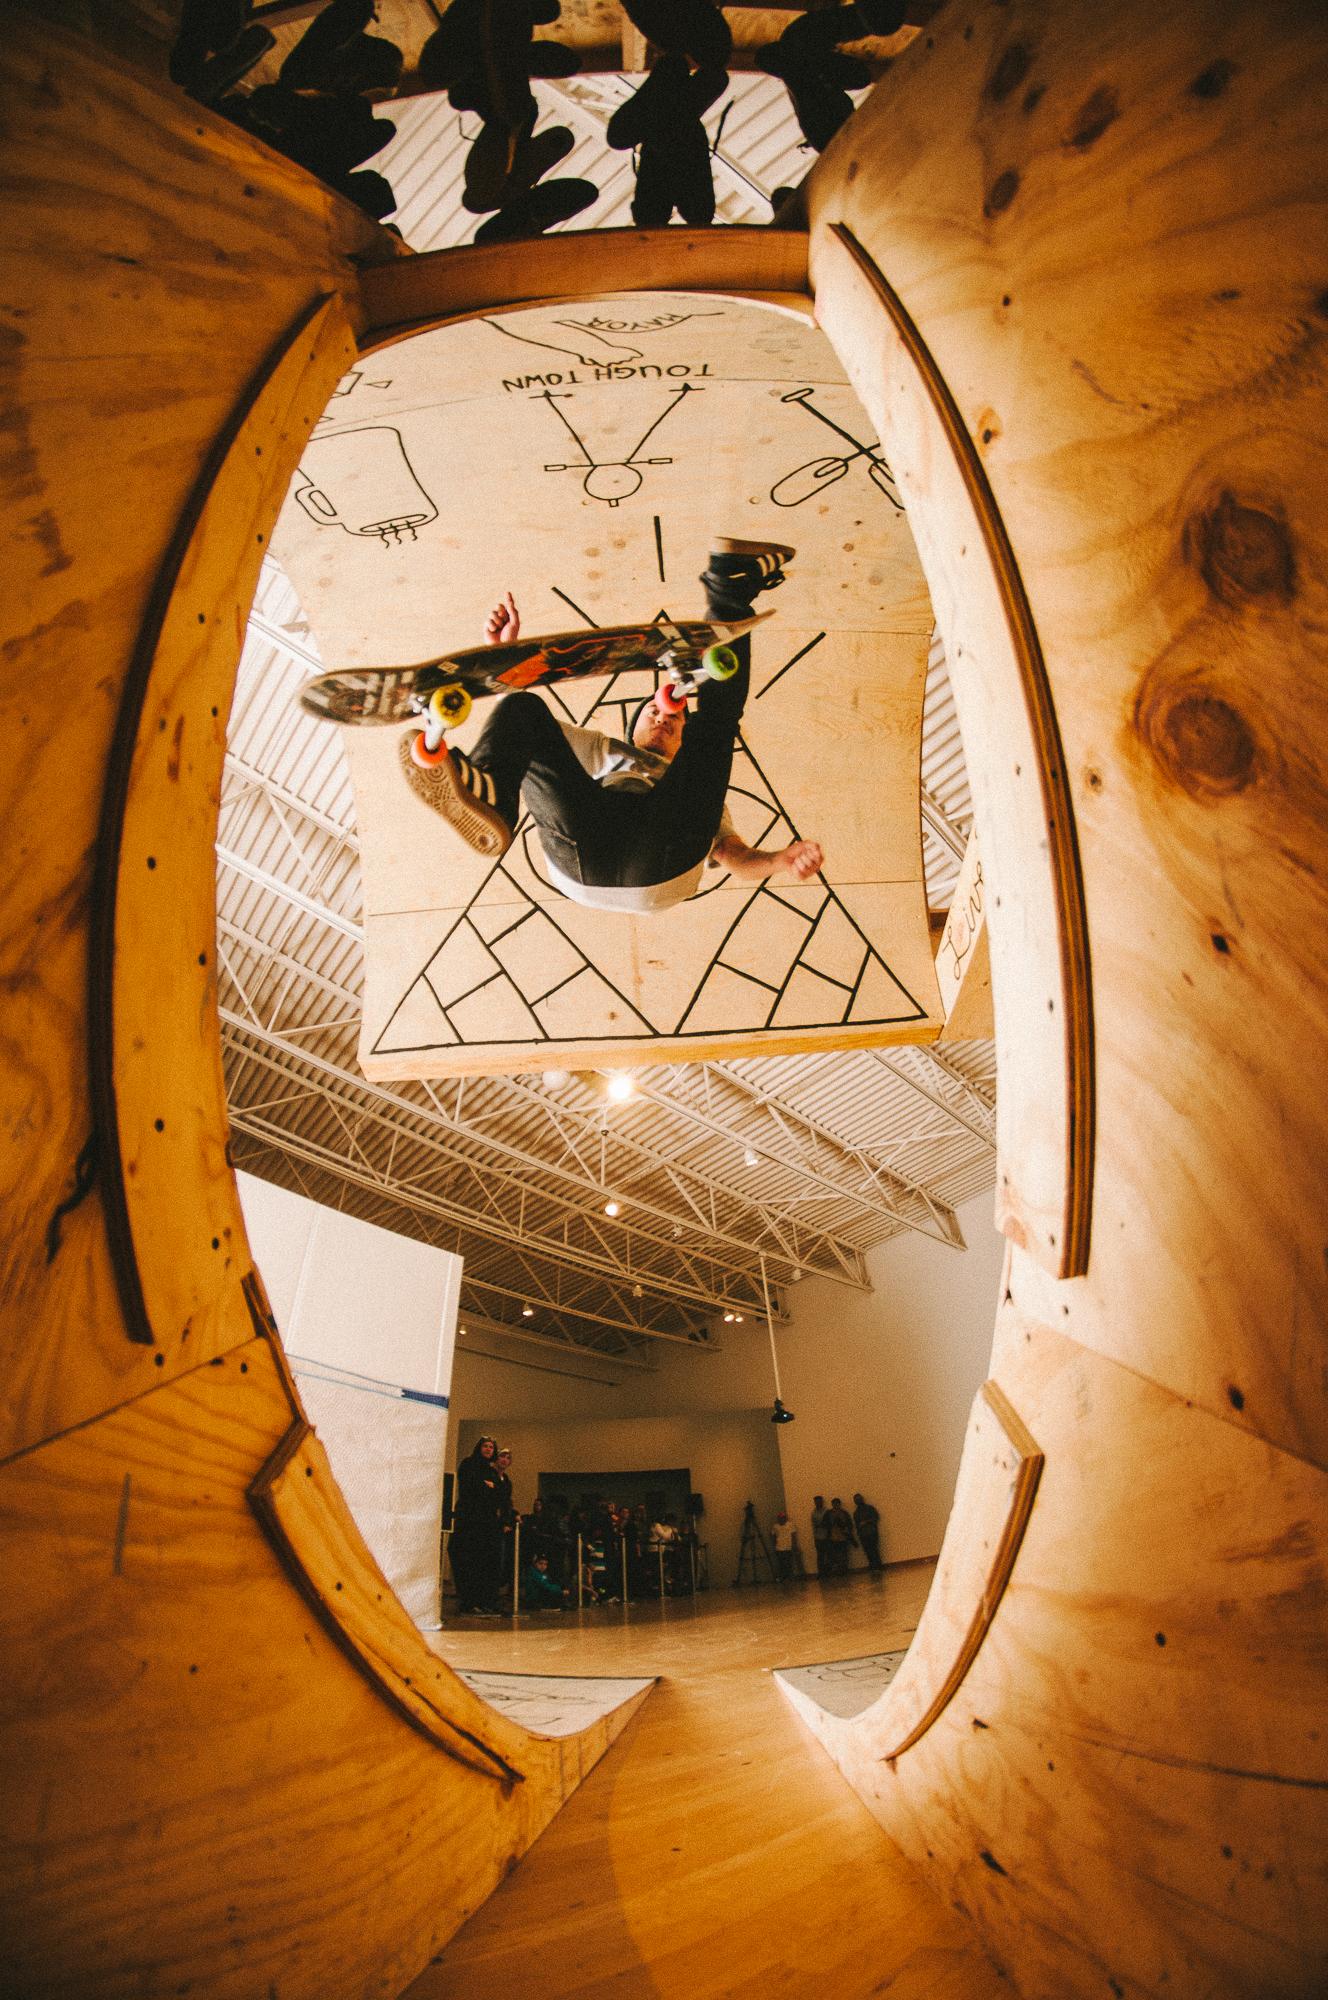 20150222_Skate_art_0074.jpg